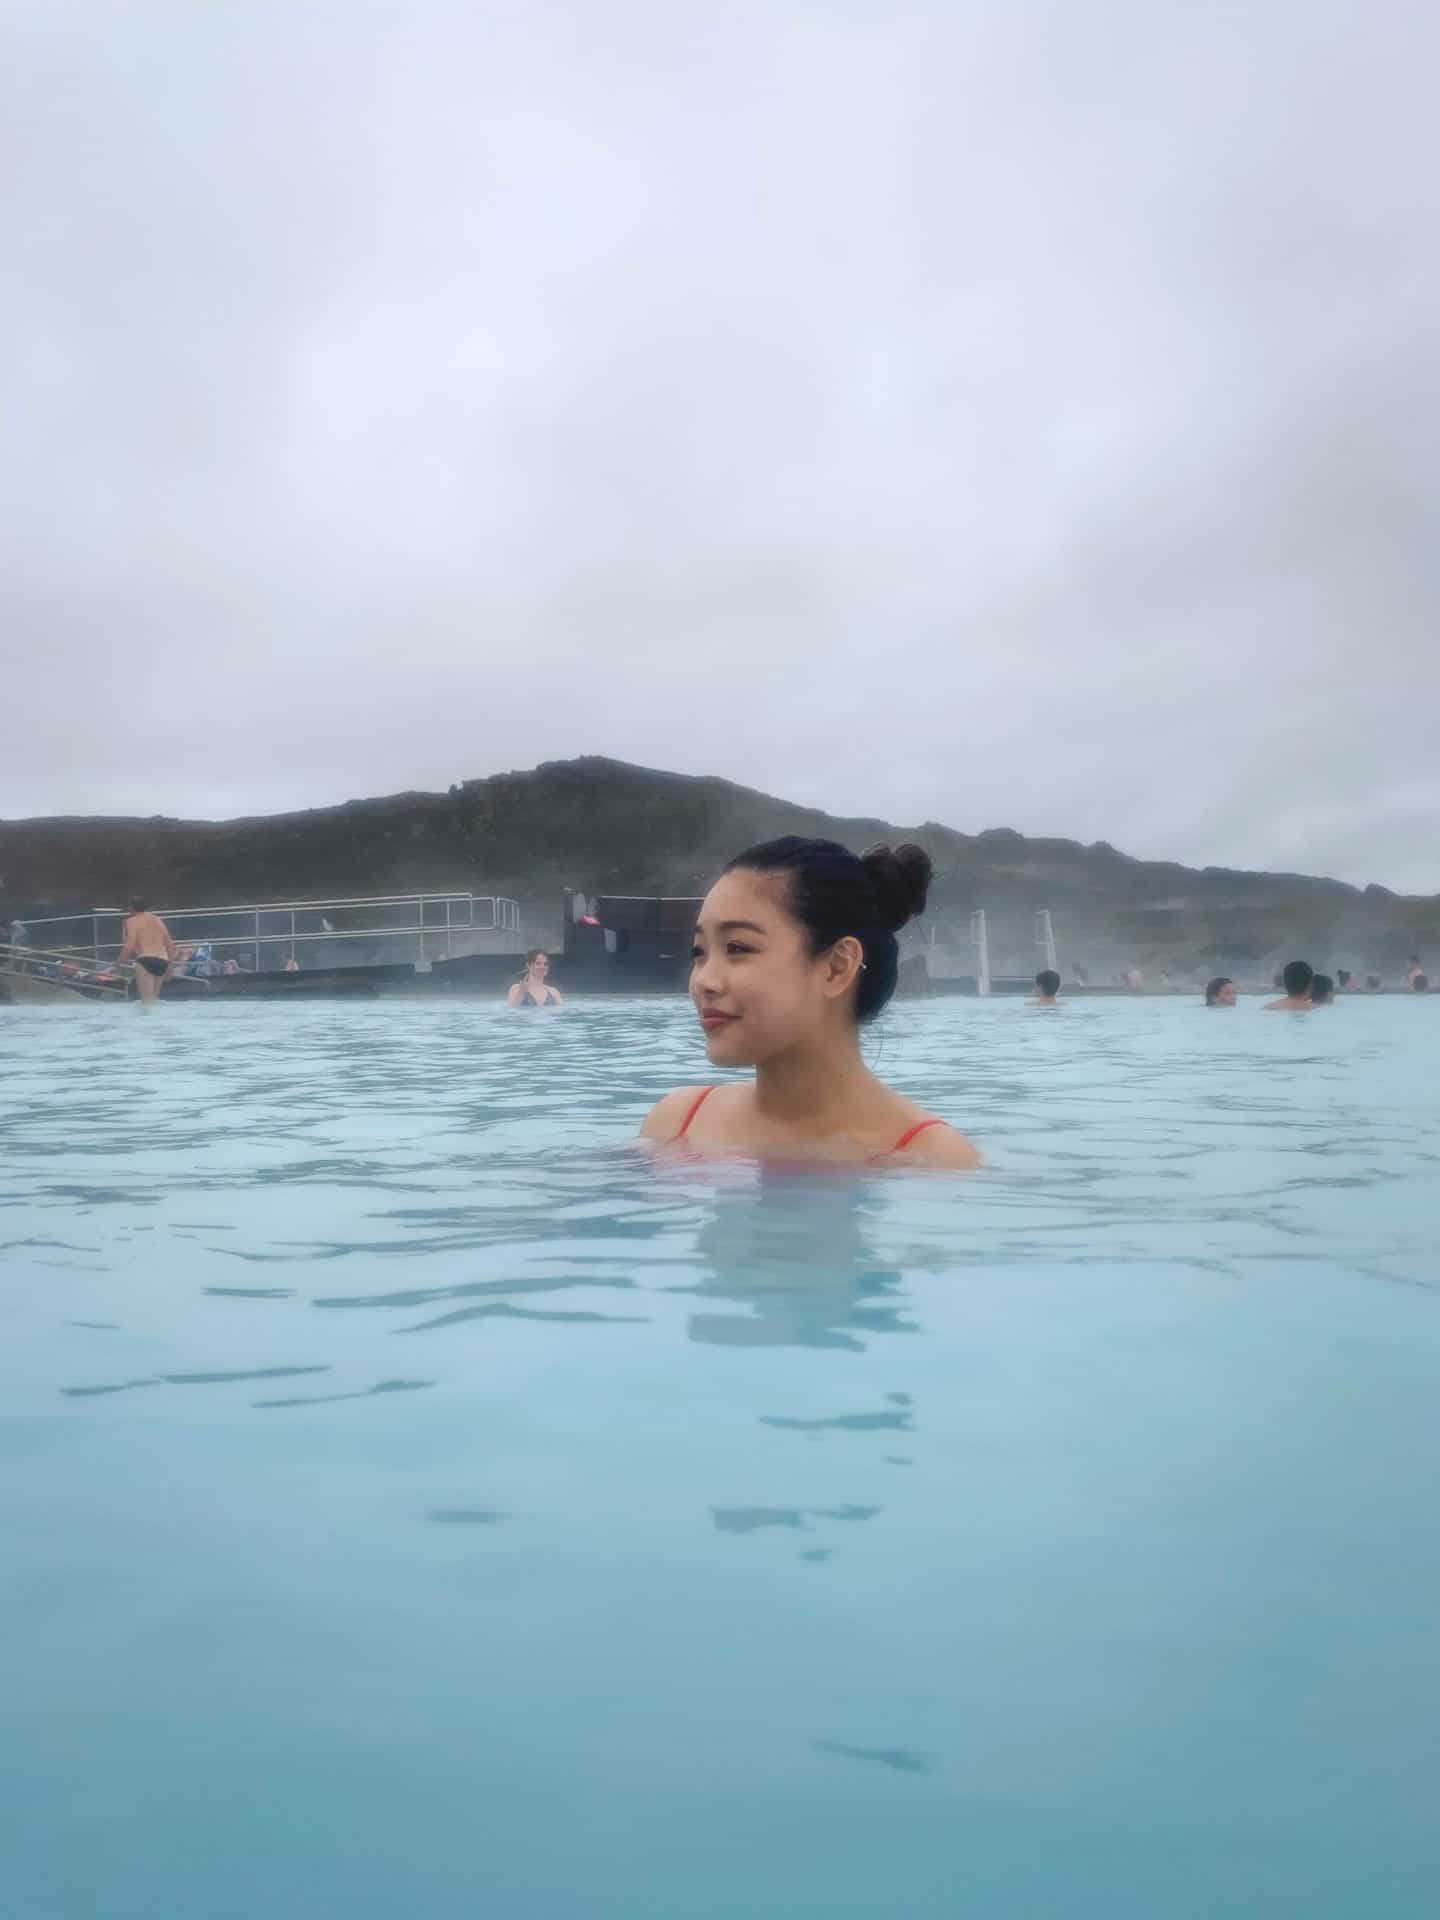 Mývatn Nature Baths in Myvatn, Iceland